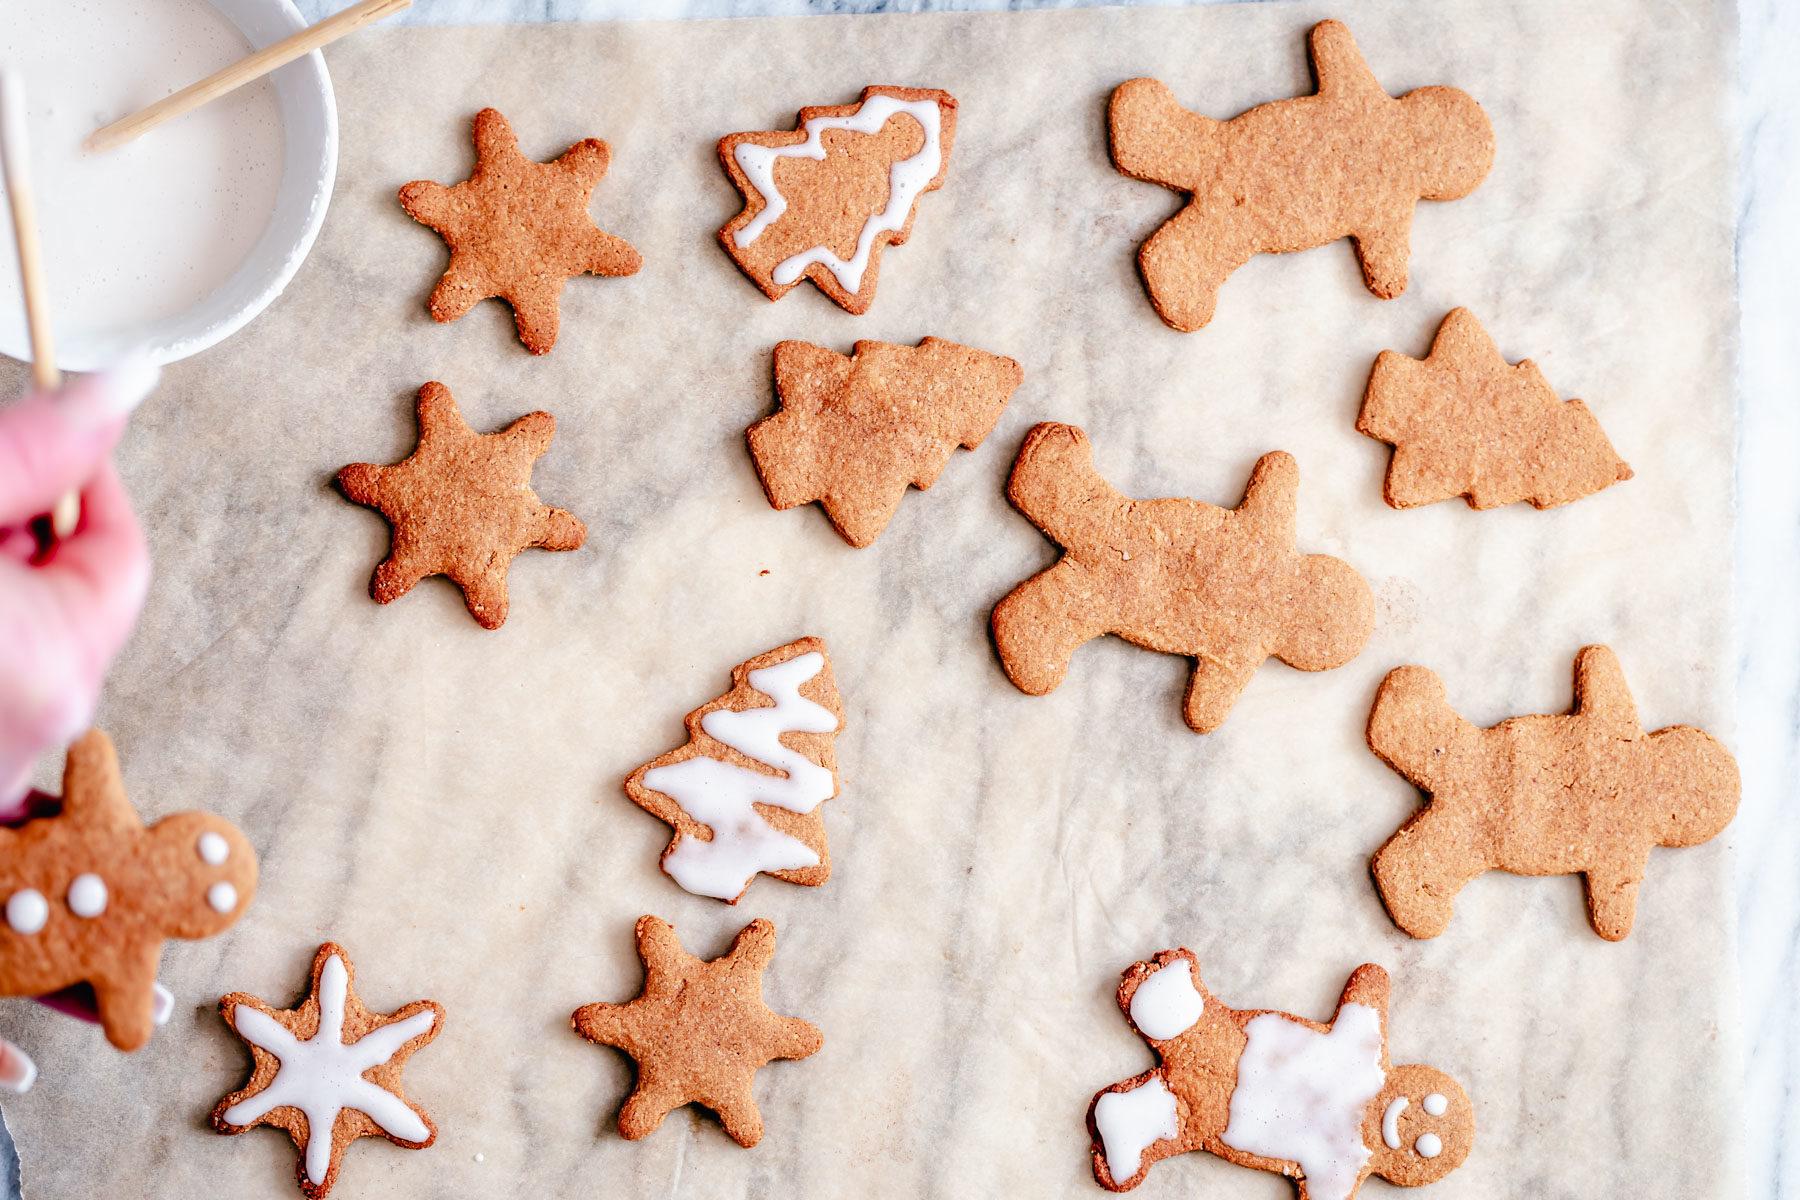 vegan gingerbread cookies being iced